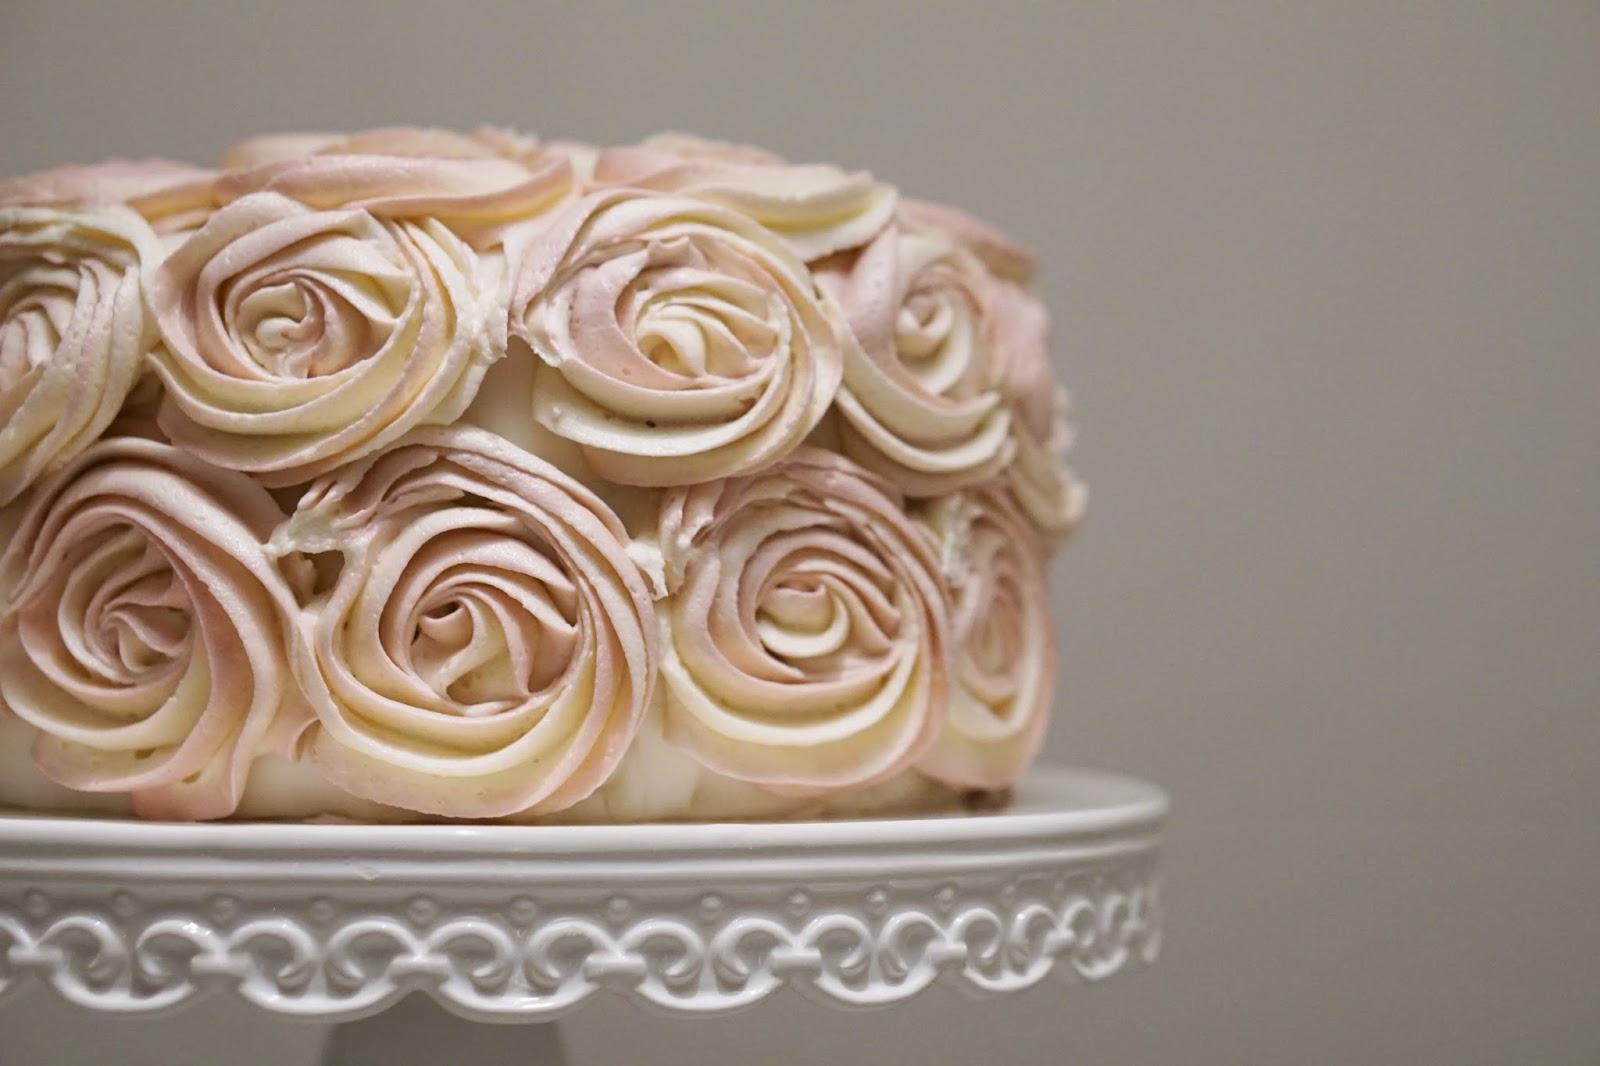 Decorazioni torte 10 idee con e senza panna agrodolce for Decorazioni torte uomo con panna